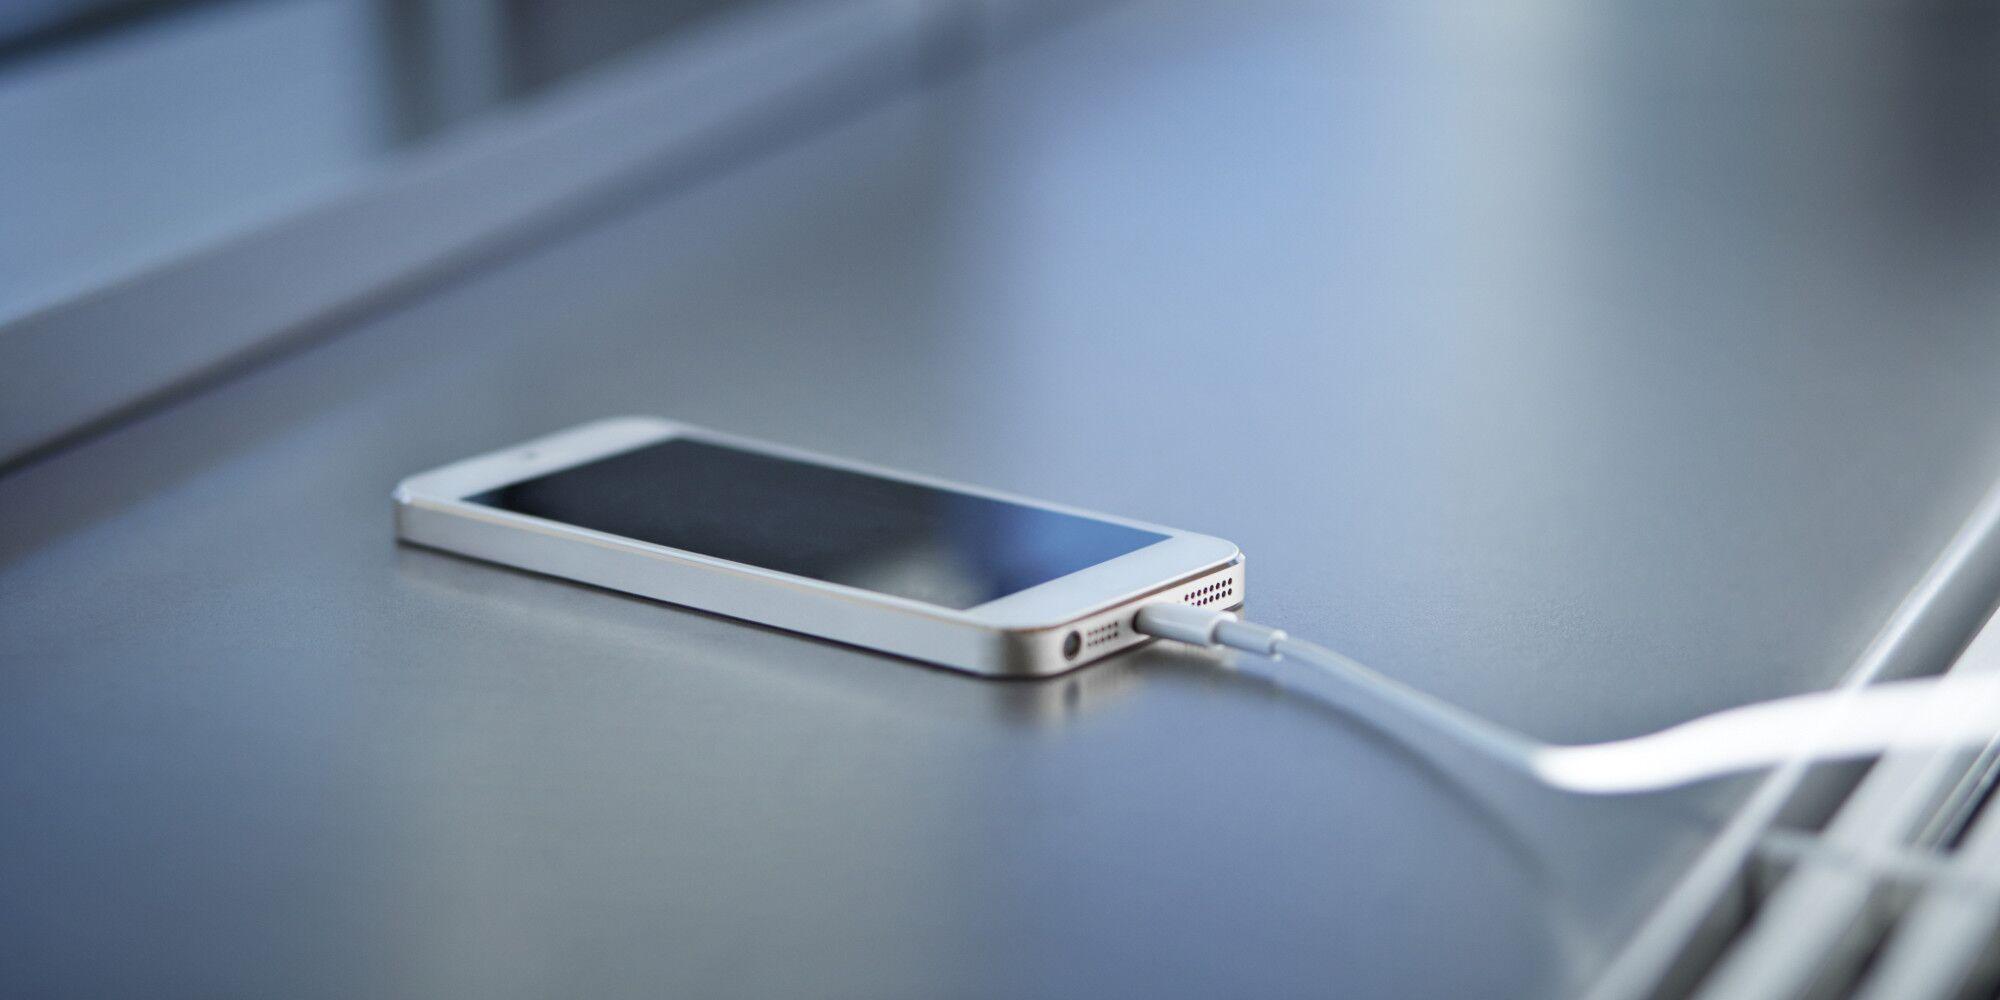 Quanto custa para você recarregar seu smartphone todos os dias?